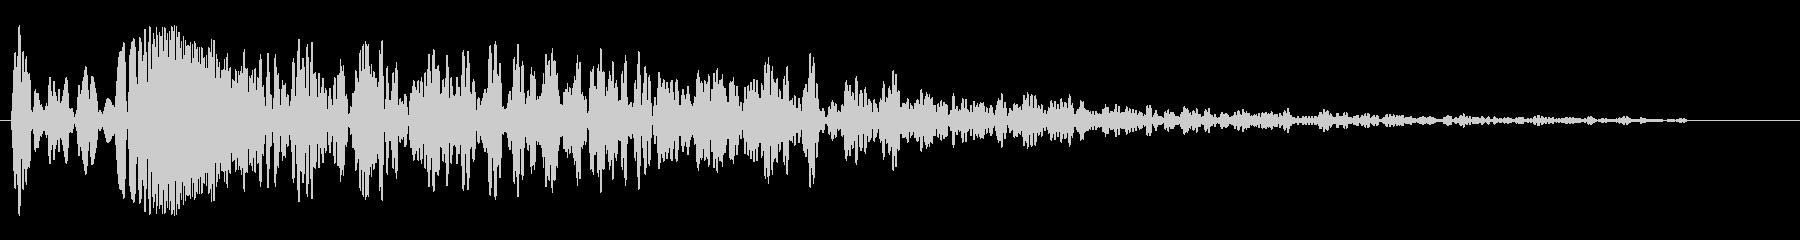 ドボボボーン(機械的な水中への落下音)の未再生の波形